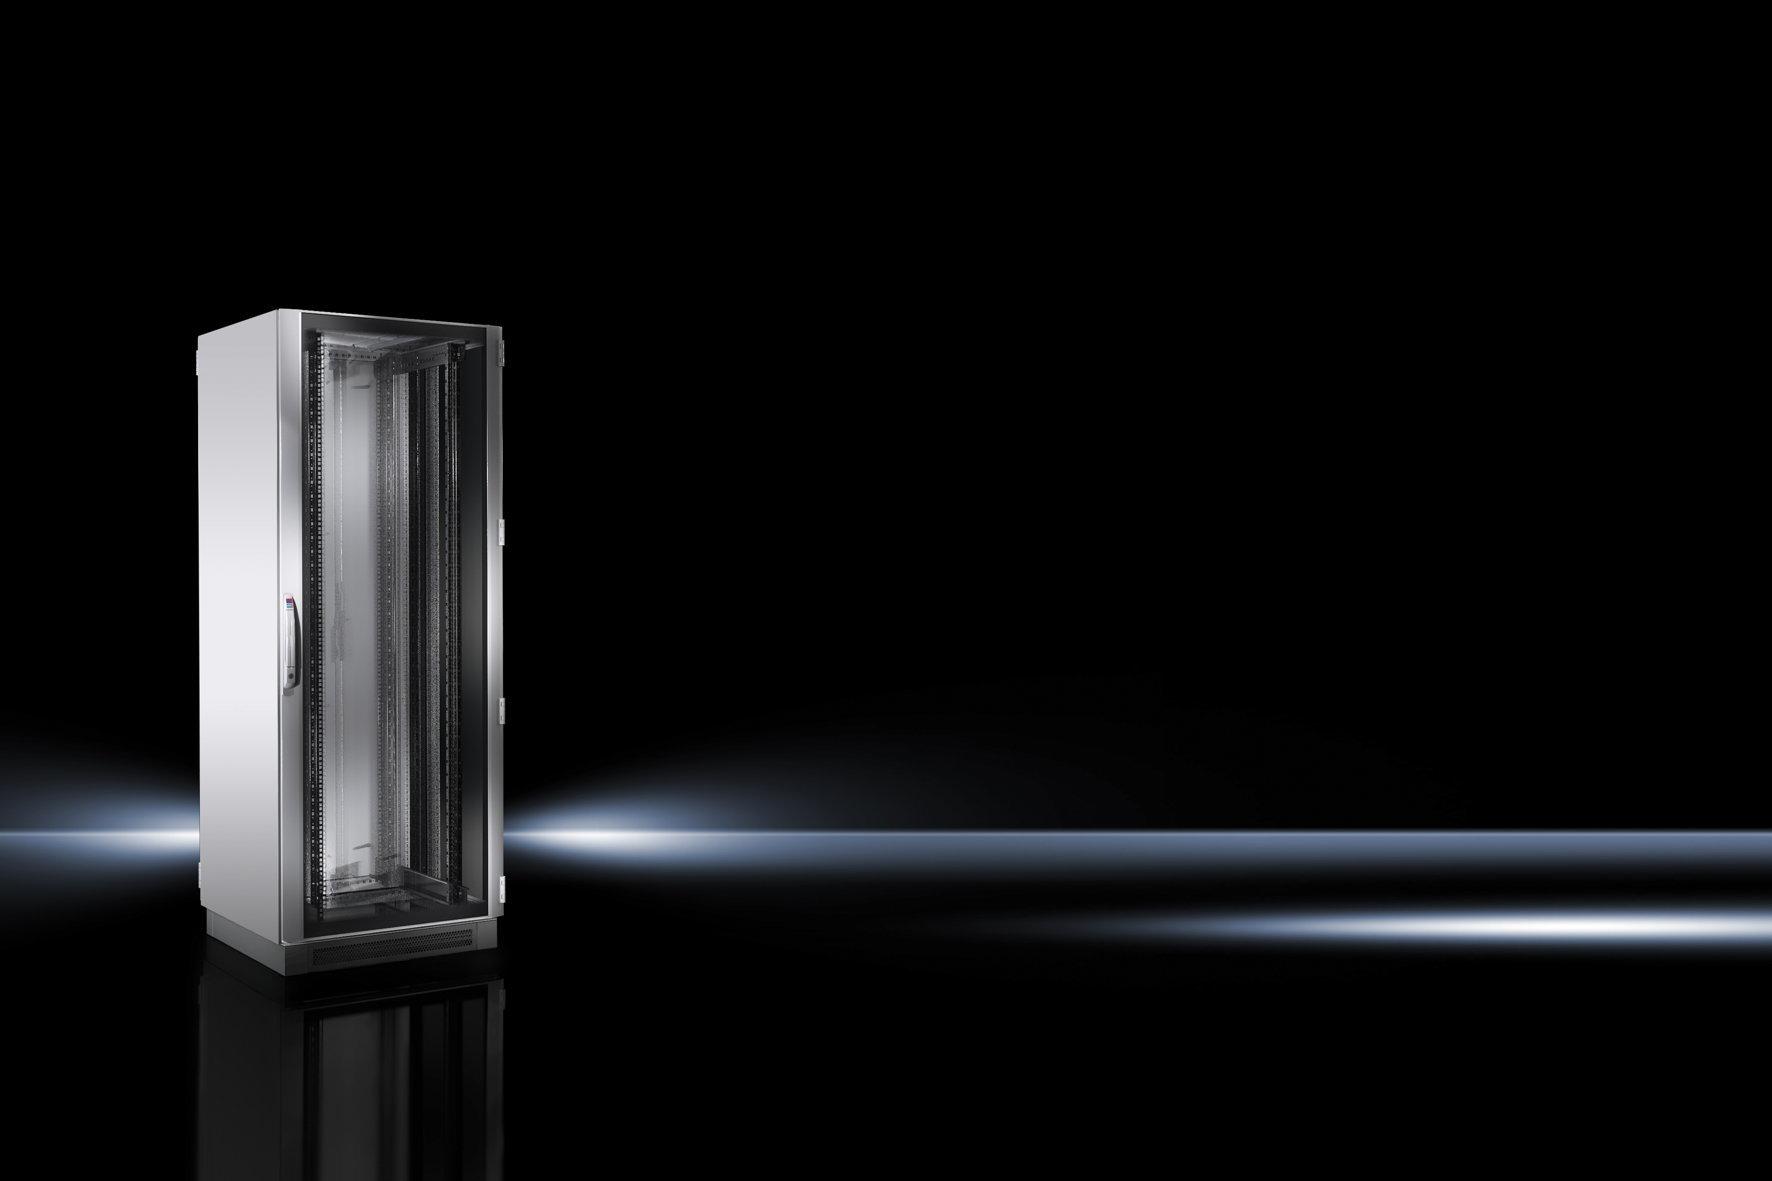 Der vormontierte TS IT für Rack-Klimatisierung hat eine Aluminium-Sichttüre mit  Sicherheitsglas, einen Komfortgriff für Profilhalbzylinder und eine Sicherheitsschließung.